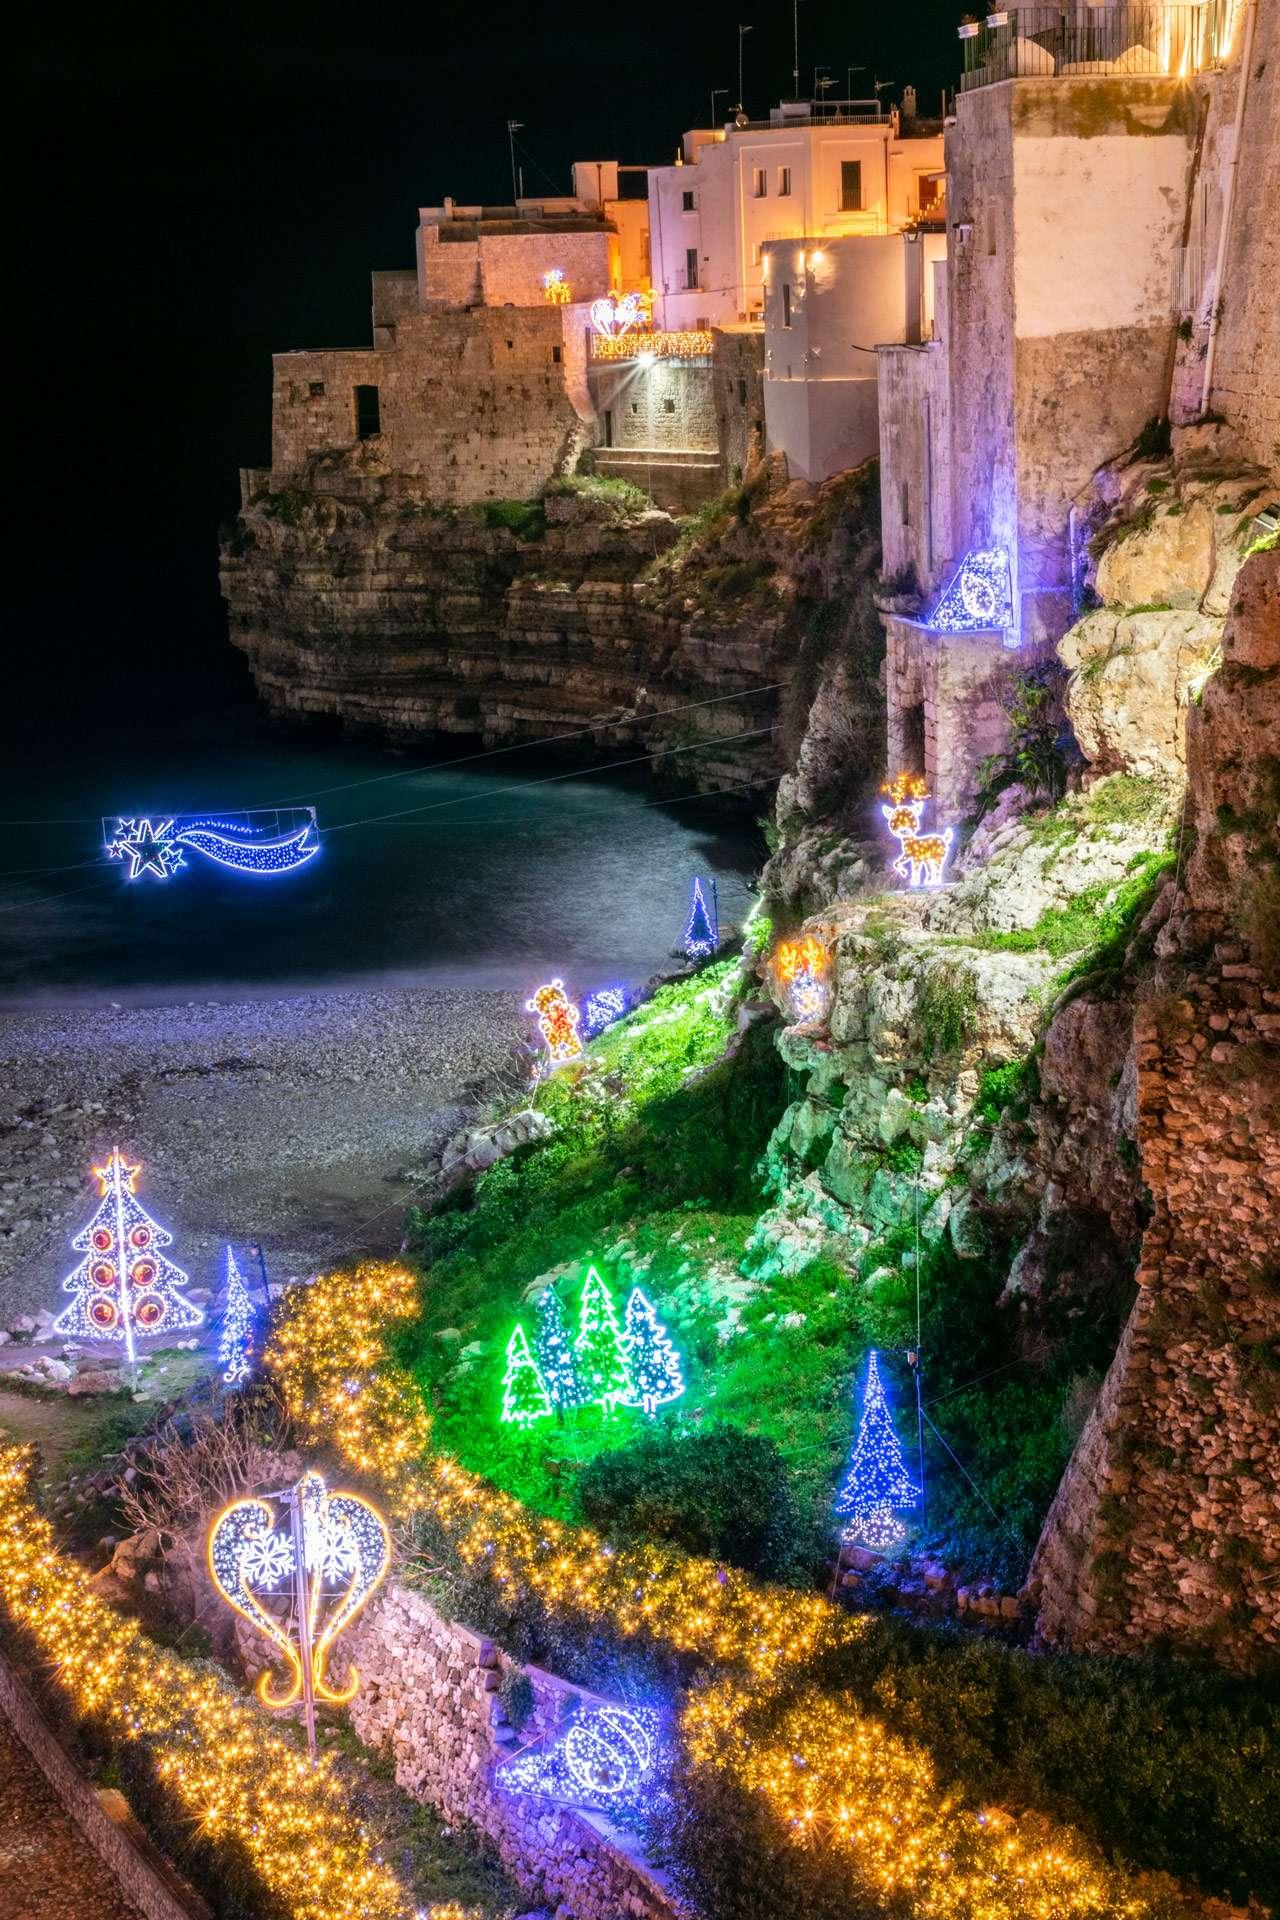 Christmas lights in Puglia, Cala Monachine in Polignano a Mare